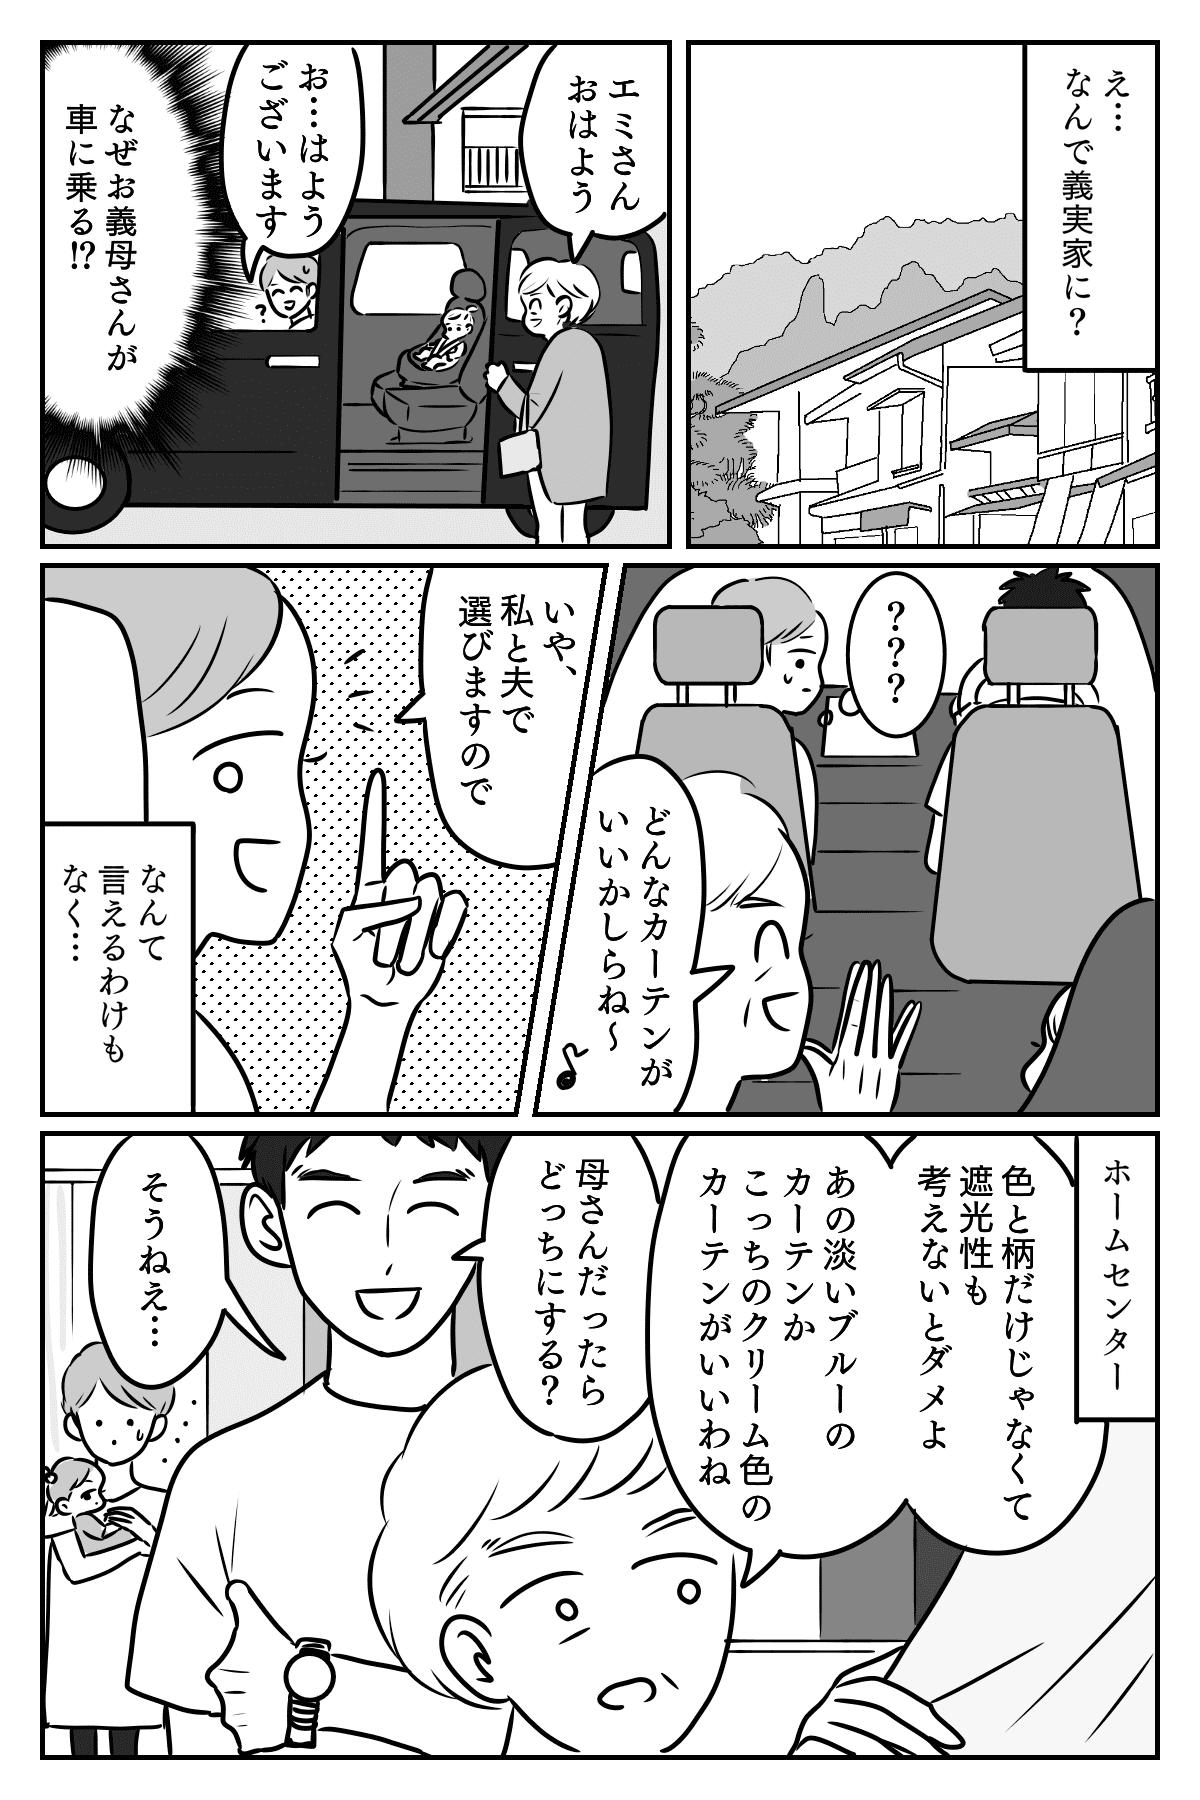 カーテン前編02